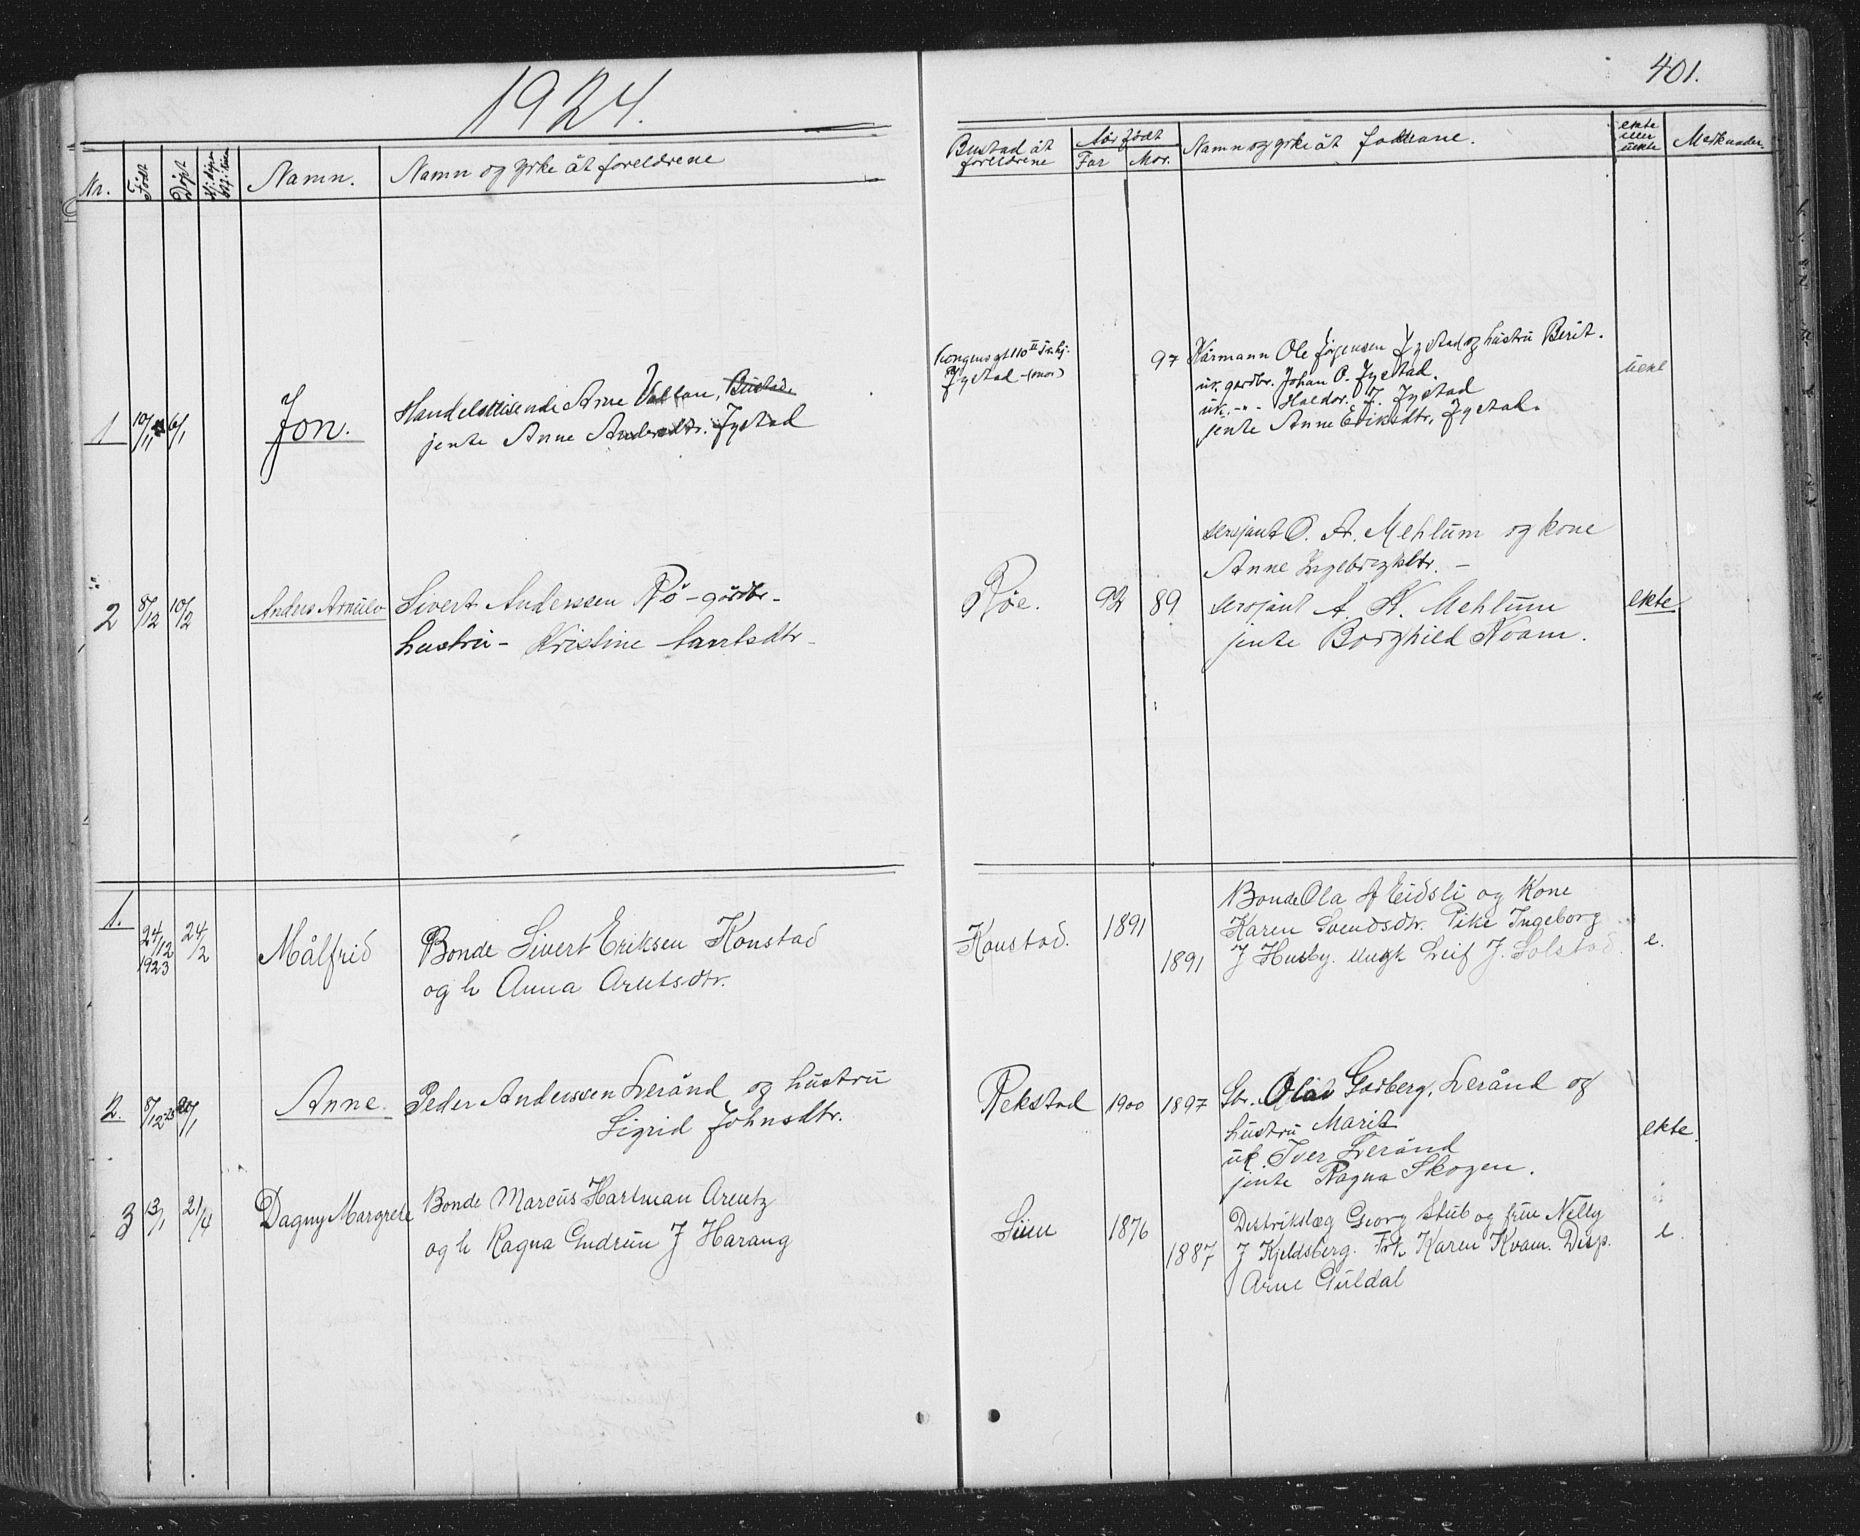 SAT, Ministerialprotokoller, klokkerbøker og fødselsregistre - Sør-Trøndelag, 667/L0798: Klokkerbok nr. 667C03, 1867-1929, s. 401